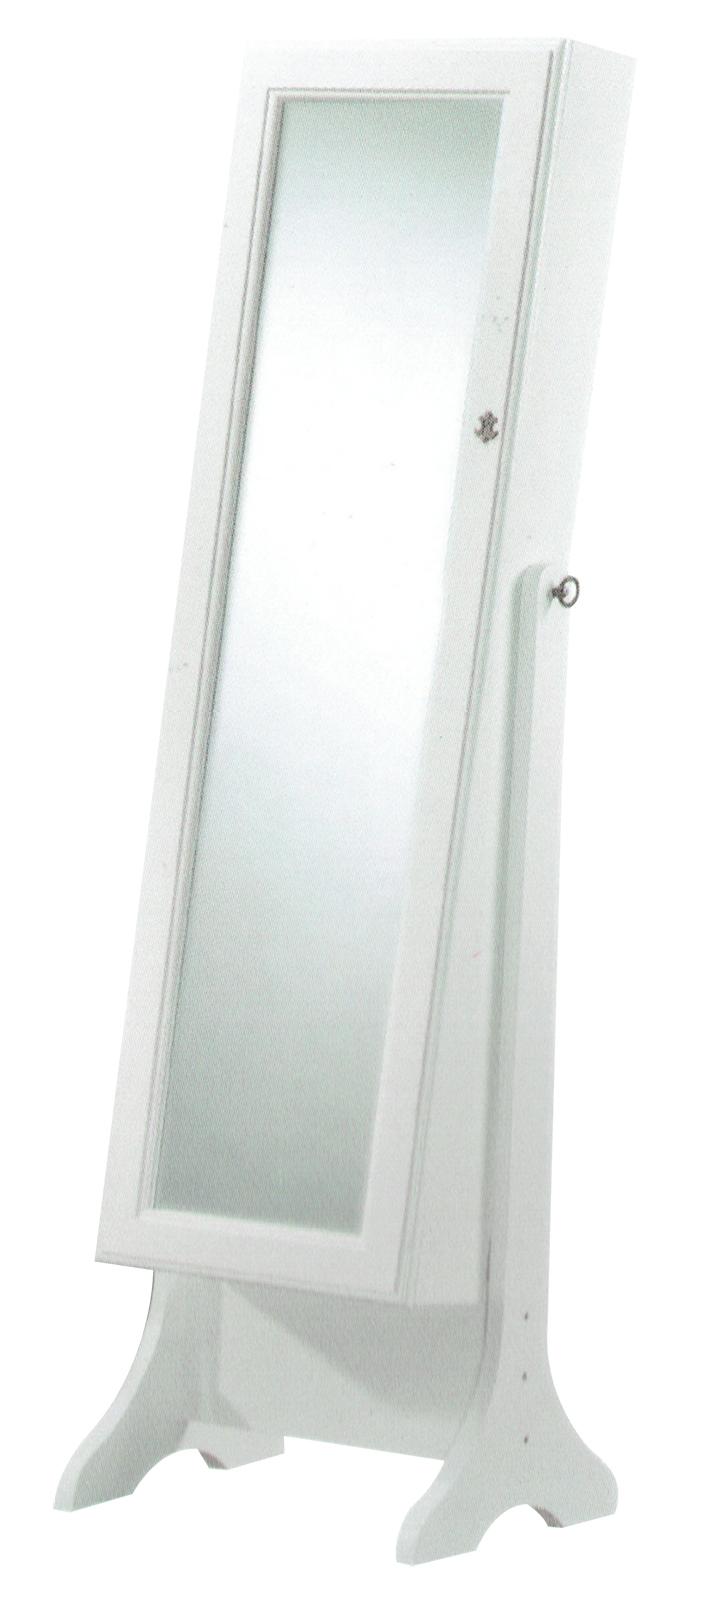 mirror stand IG 25001.jpg